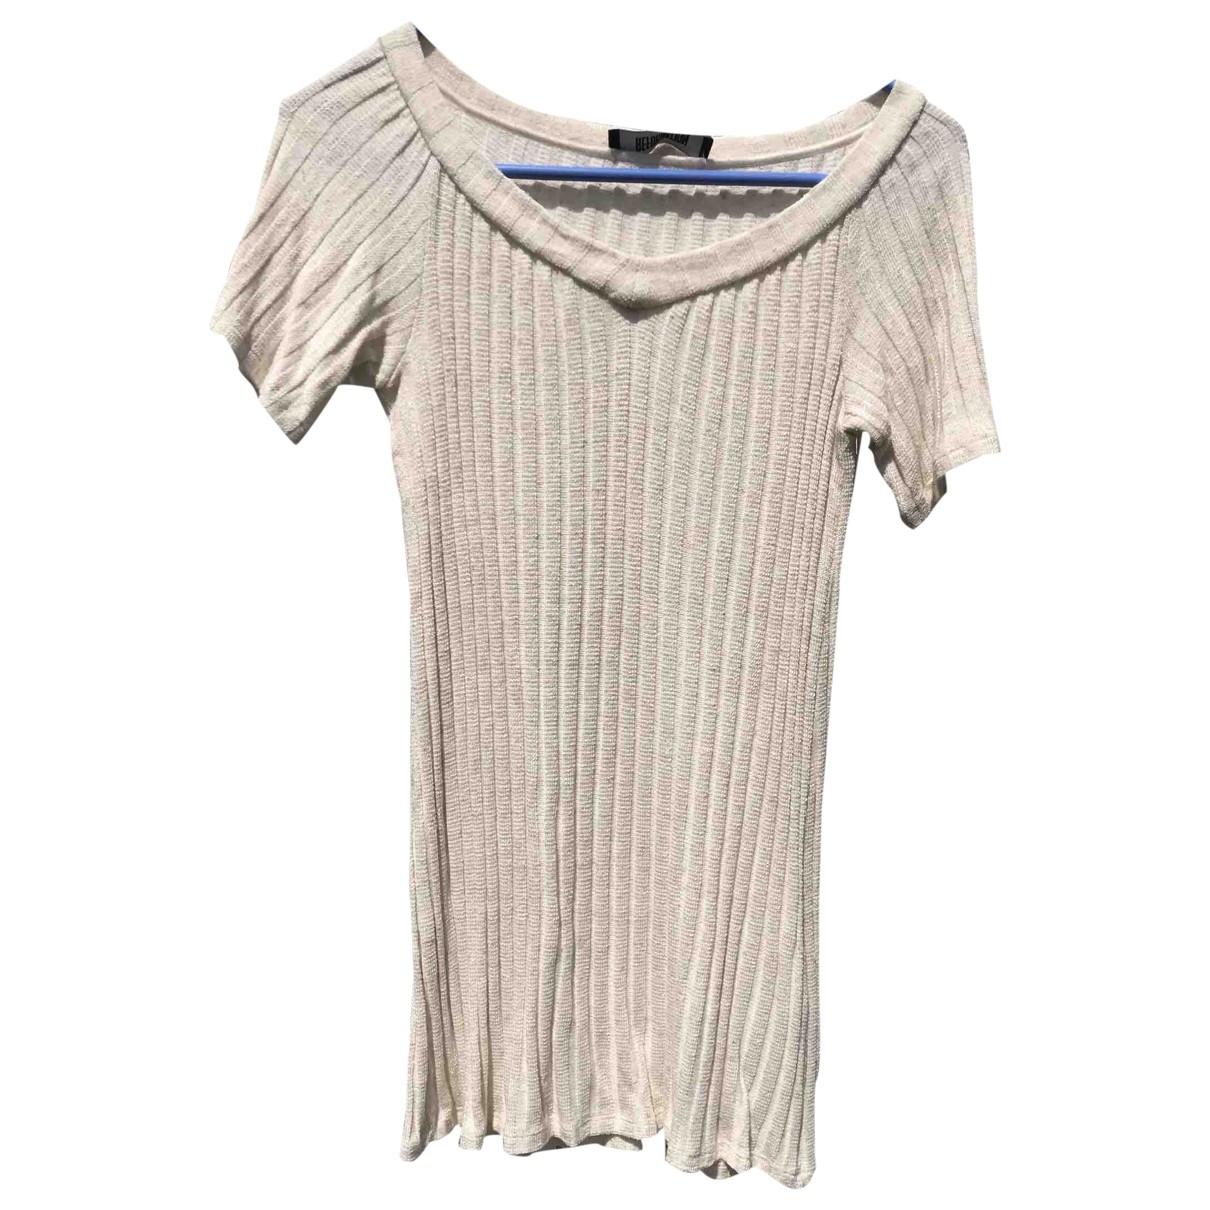 Reformation \N Beige dress for Women XS International